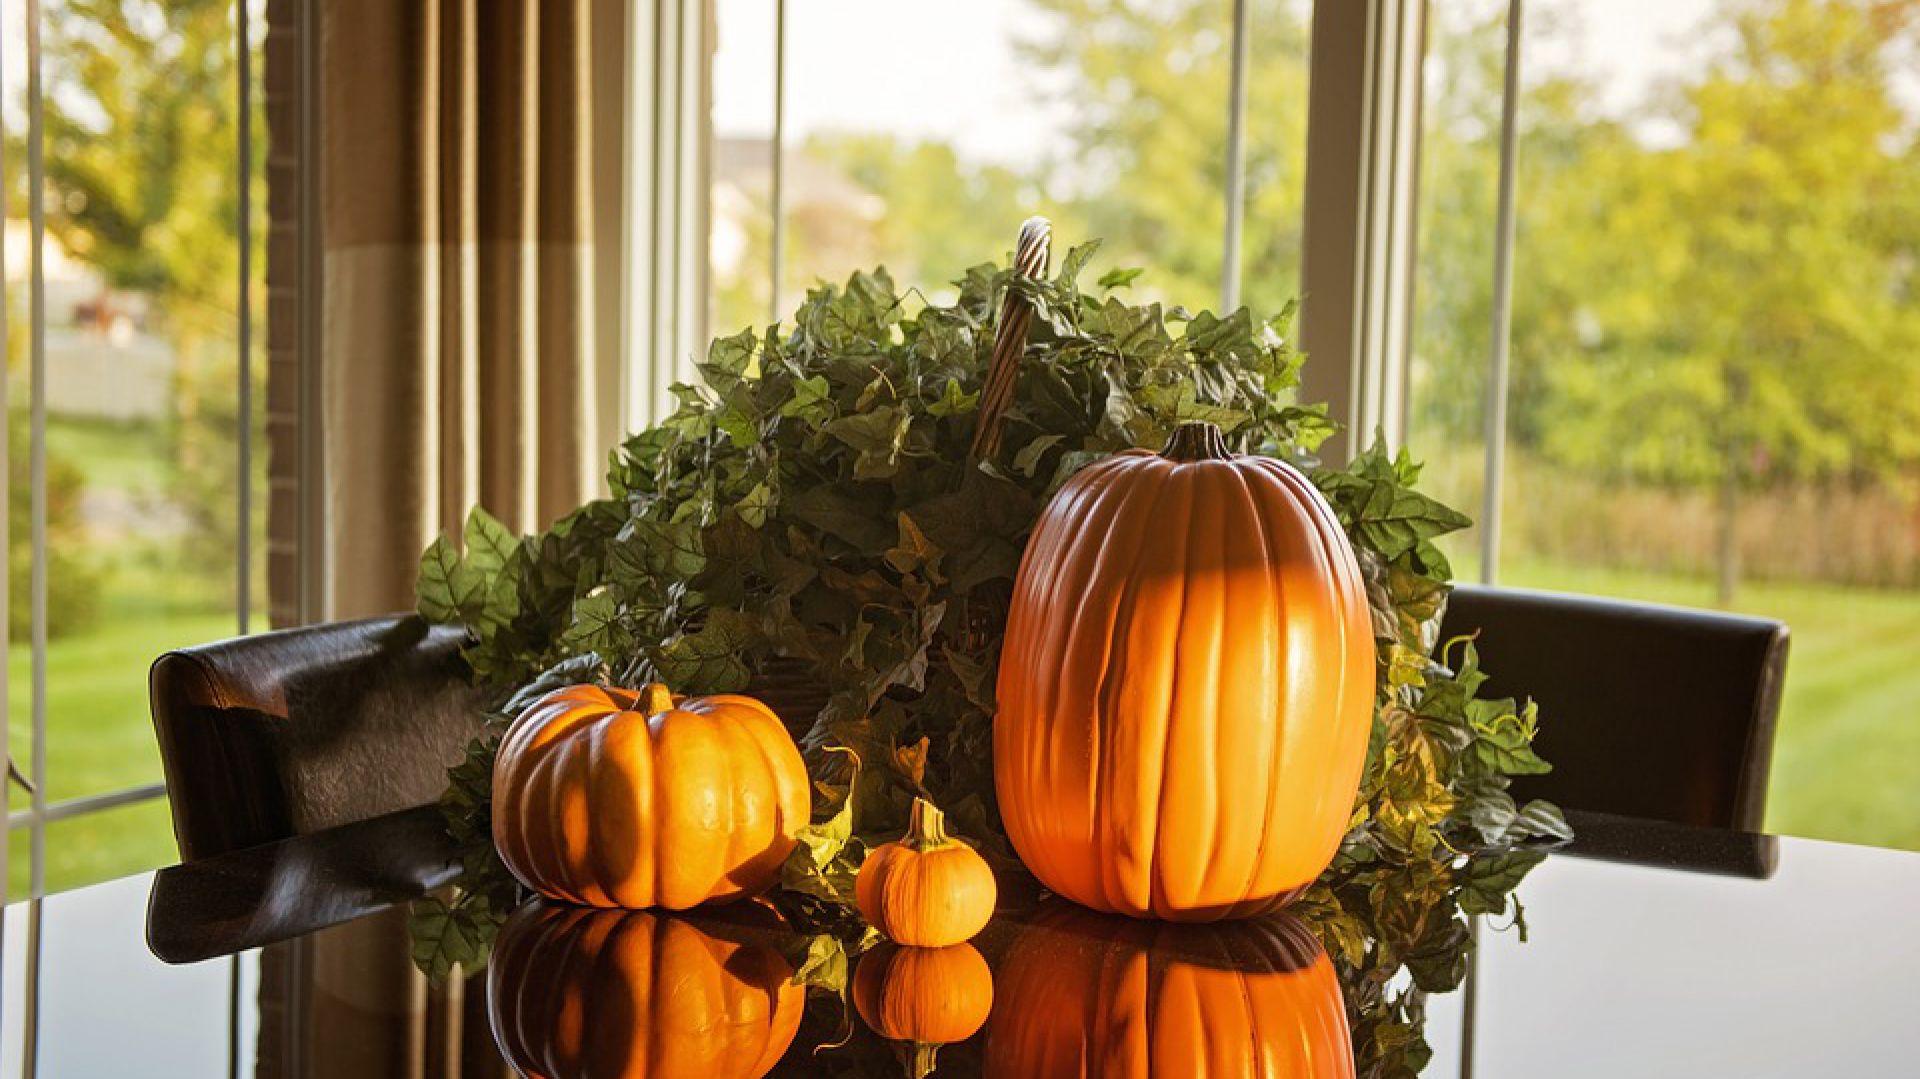 Jesienna aranżacja wnętrza. Fot. Urzędowski